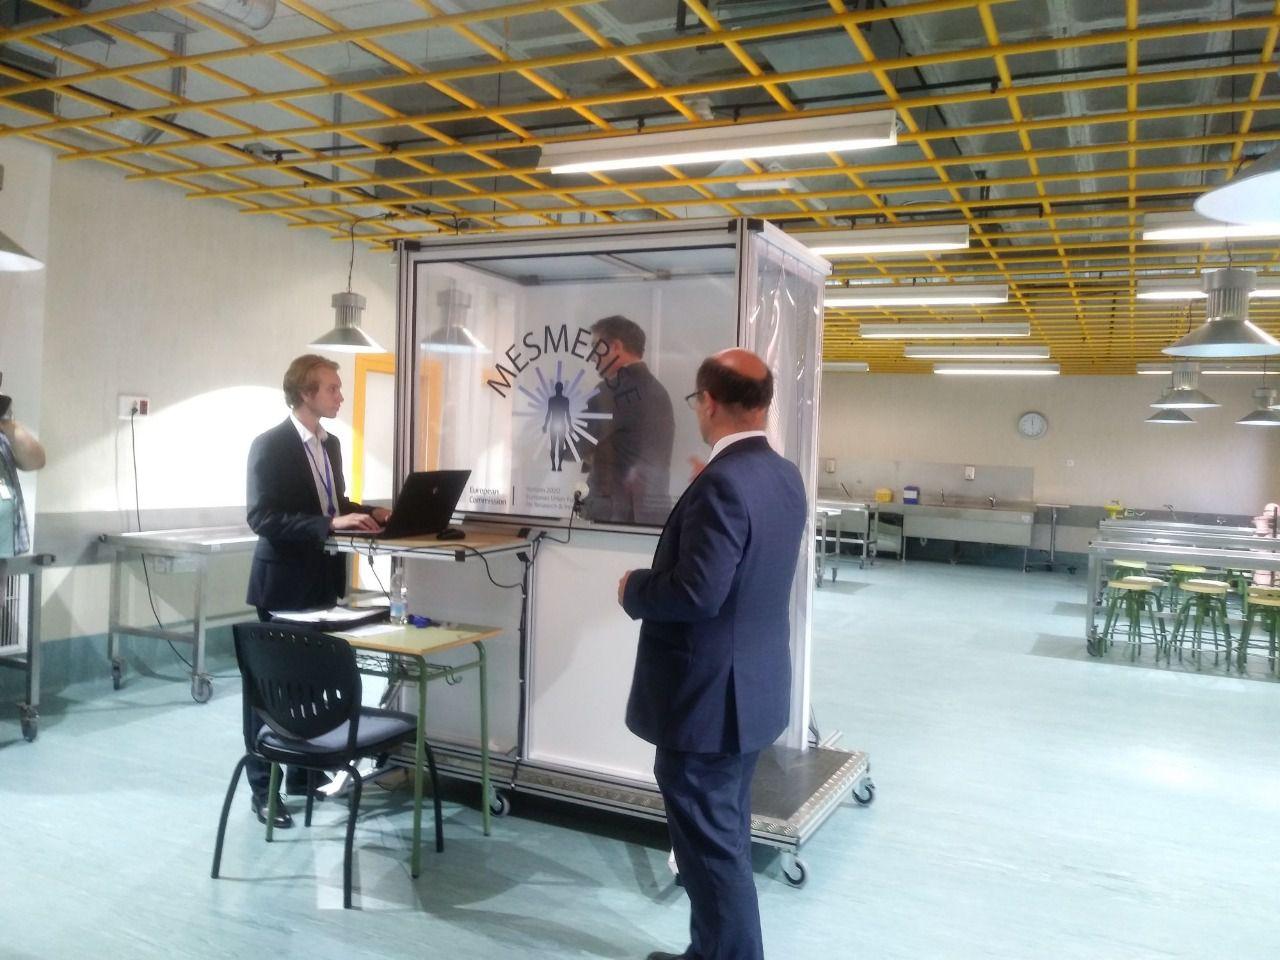 Demostración de uno de los sistemas de escaneo, en la presentación. (Foto: Universidad de Alcalá)